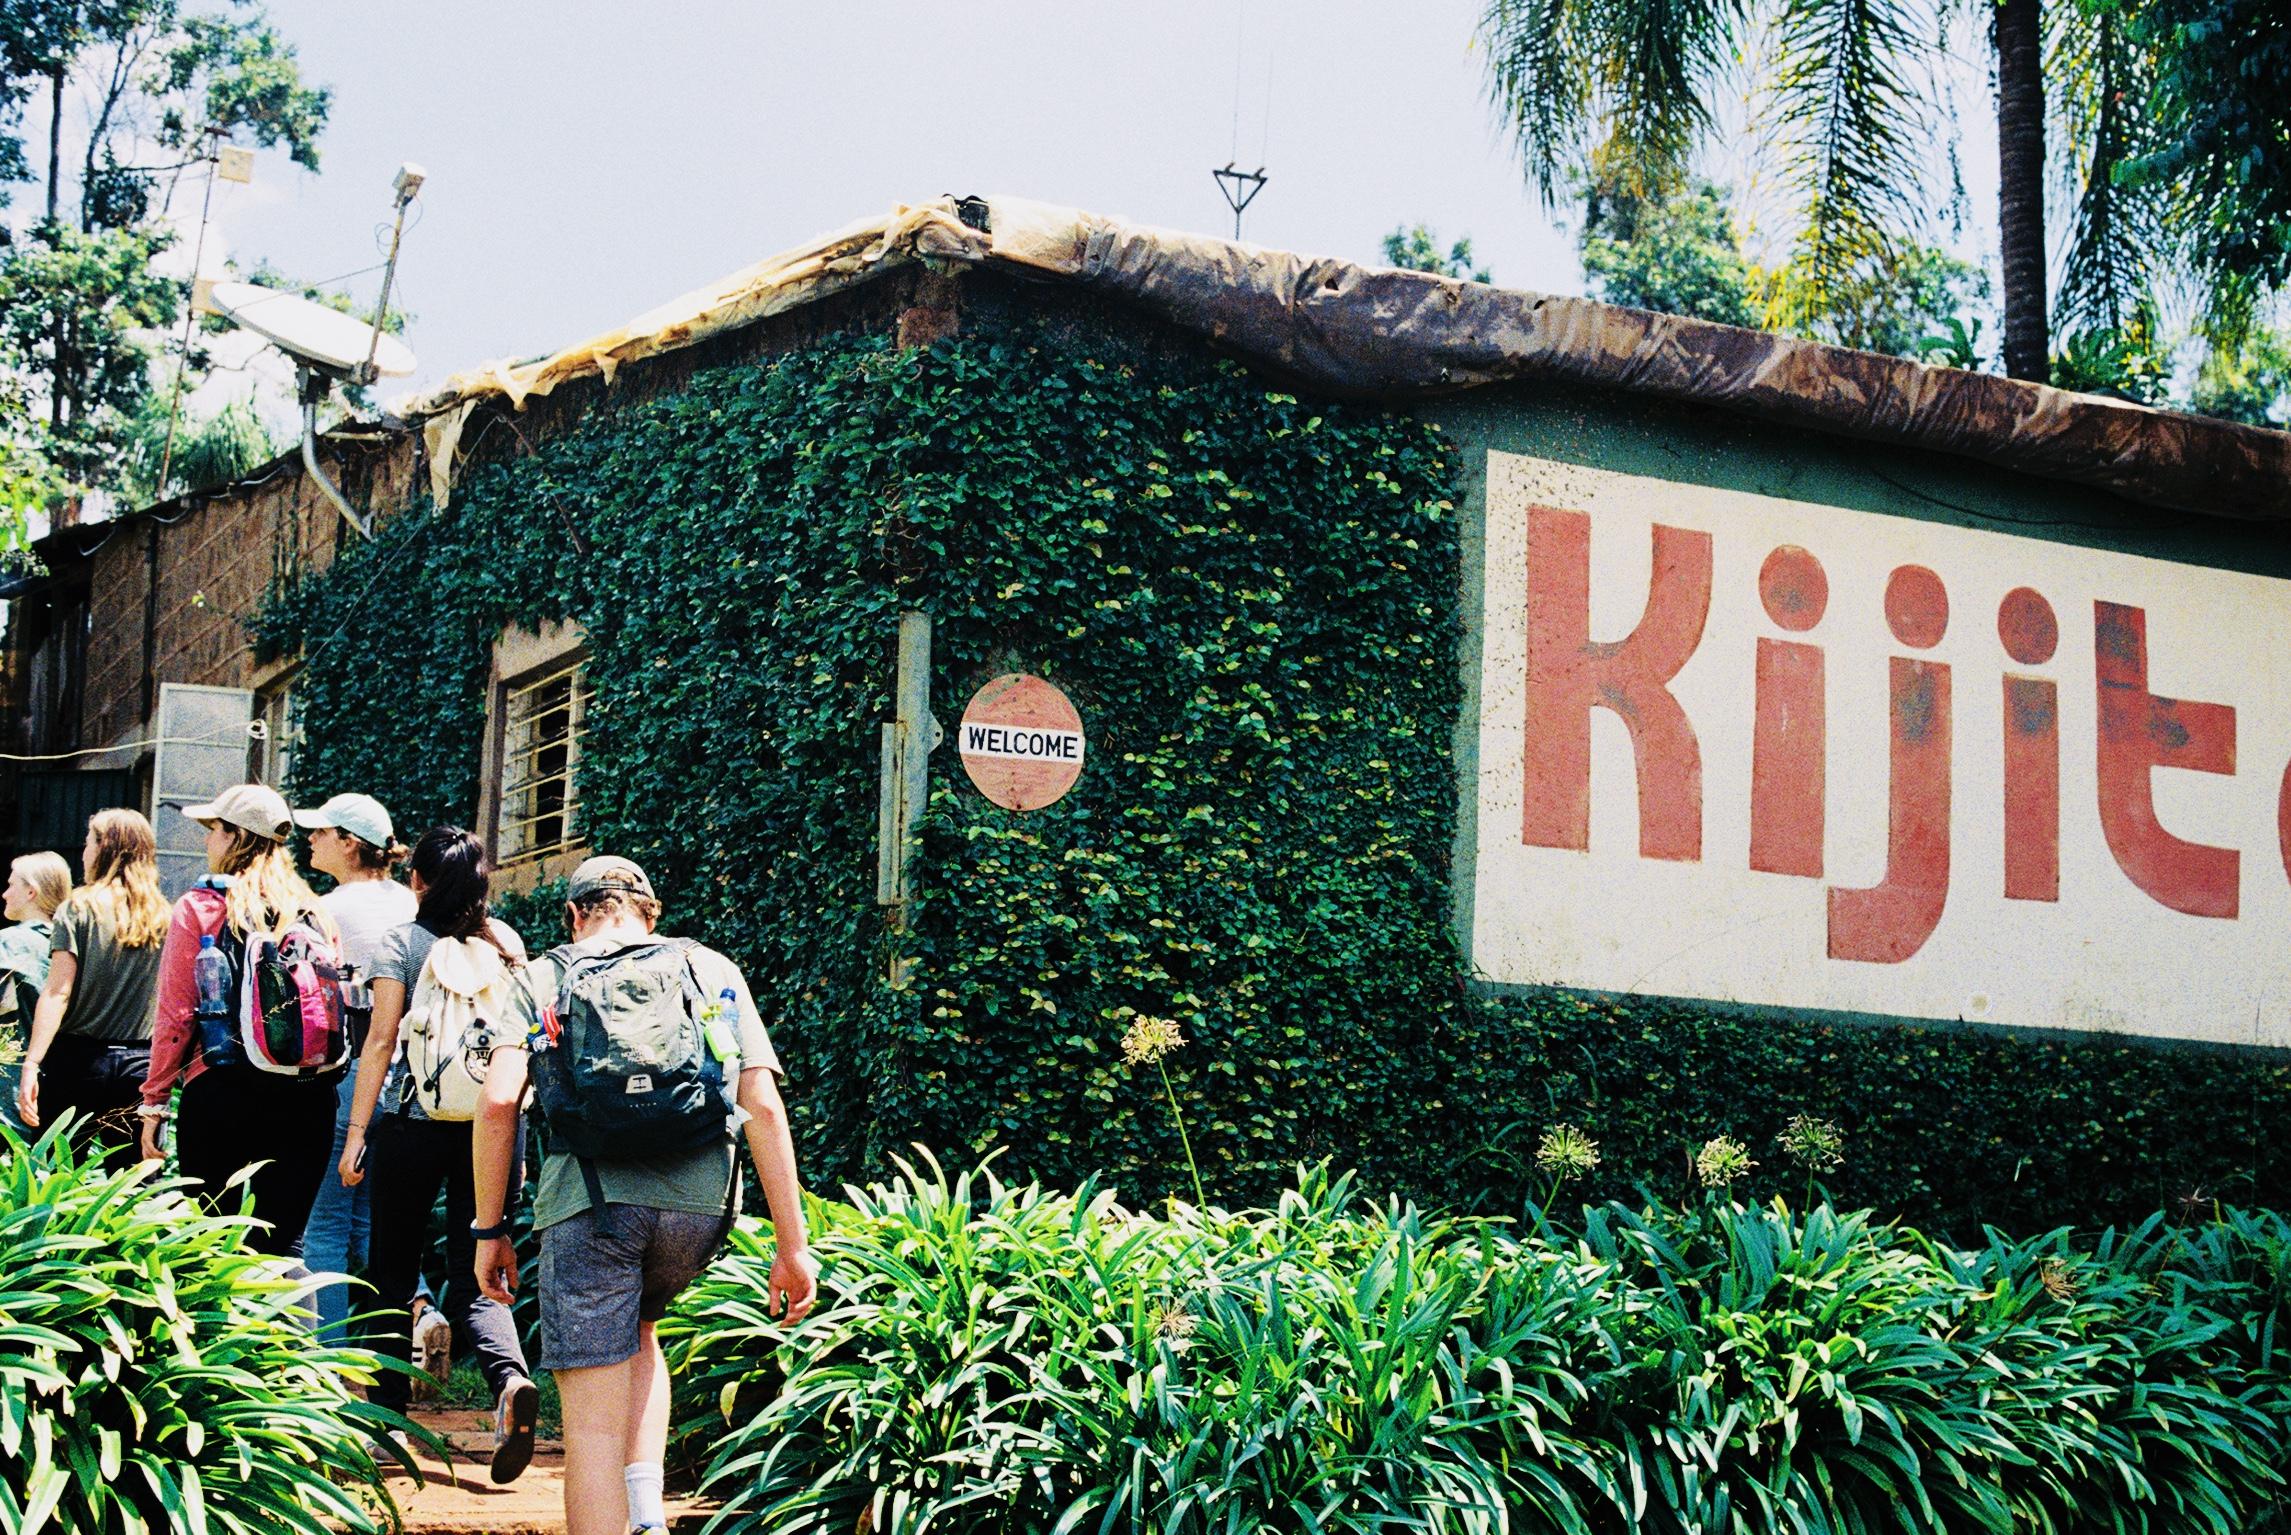 Touring the Kijito Windmill factory outside of Nairobi, Kenya.